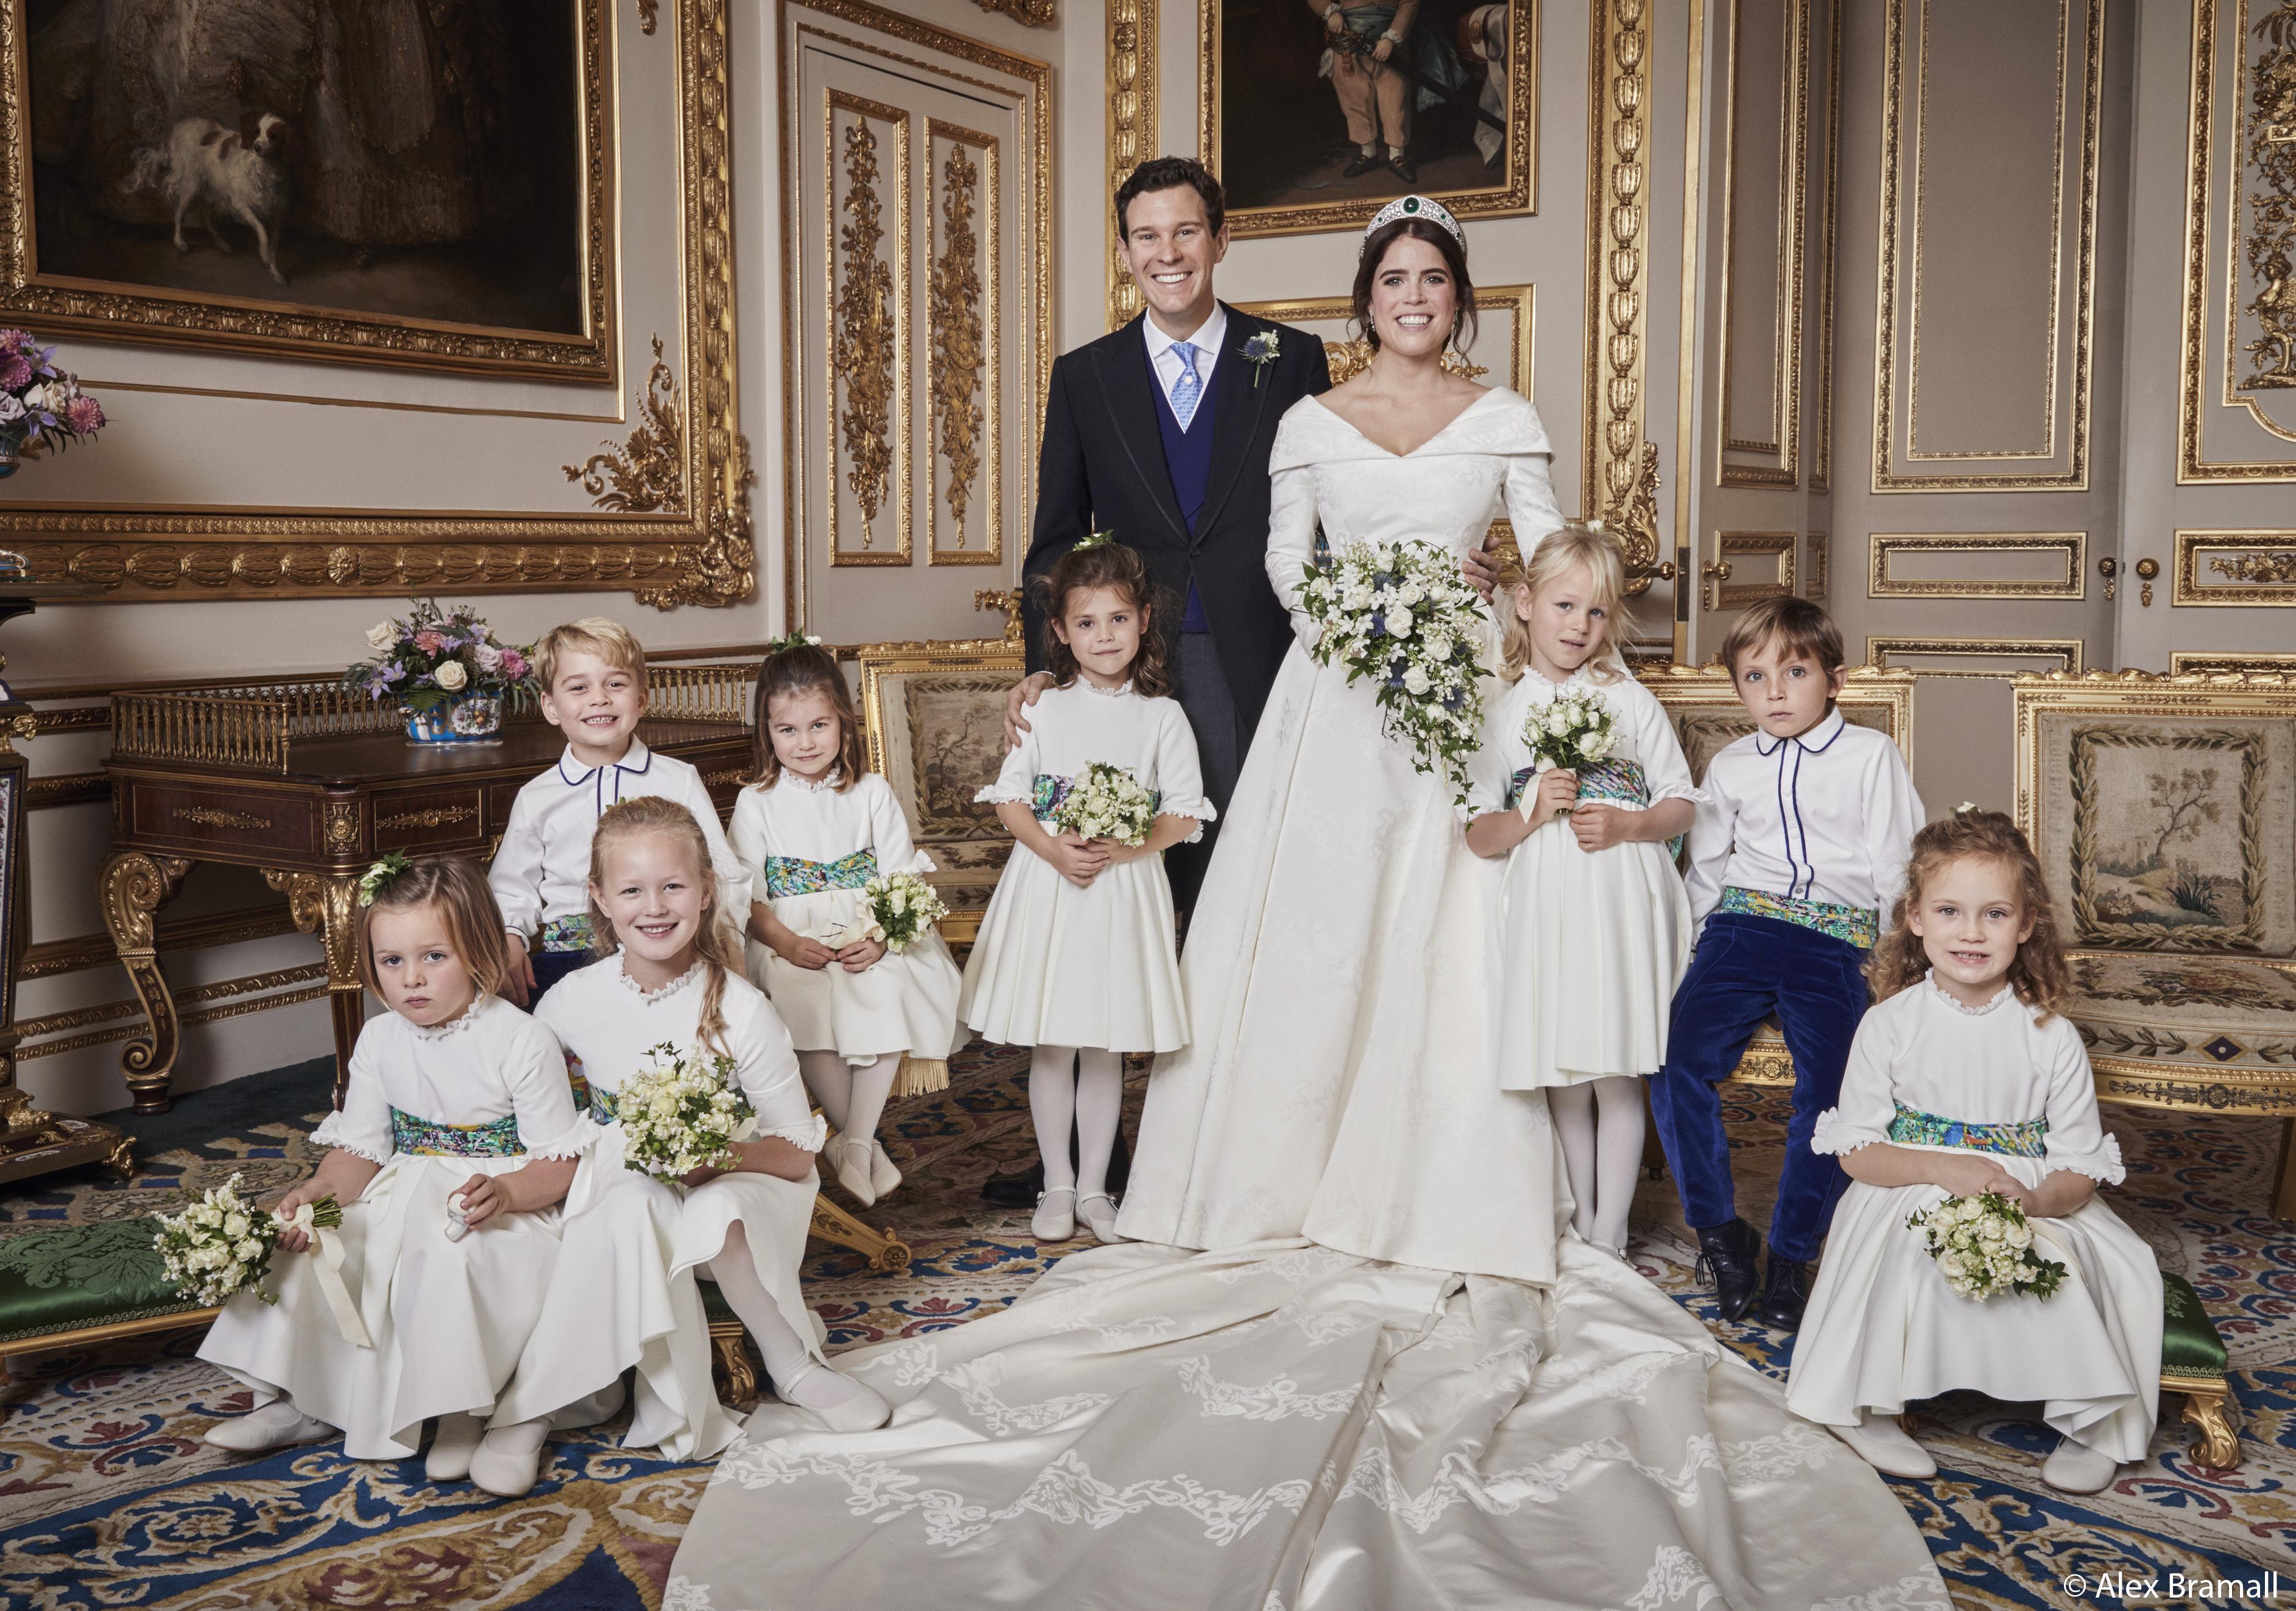 casamento-princesa-eugenie-foto-oficial-daminhas-pajens